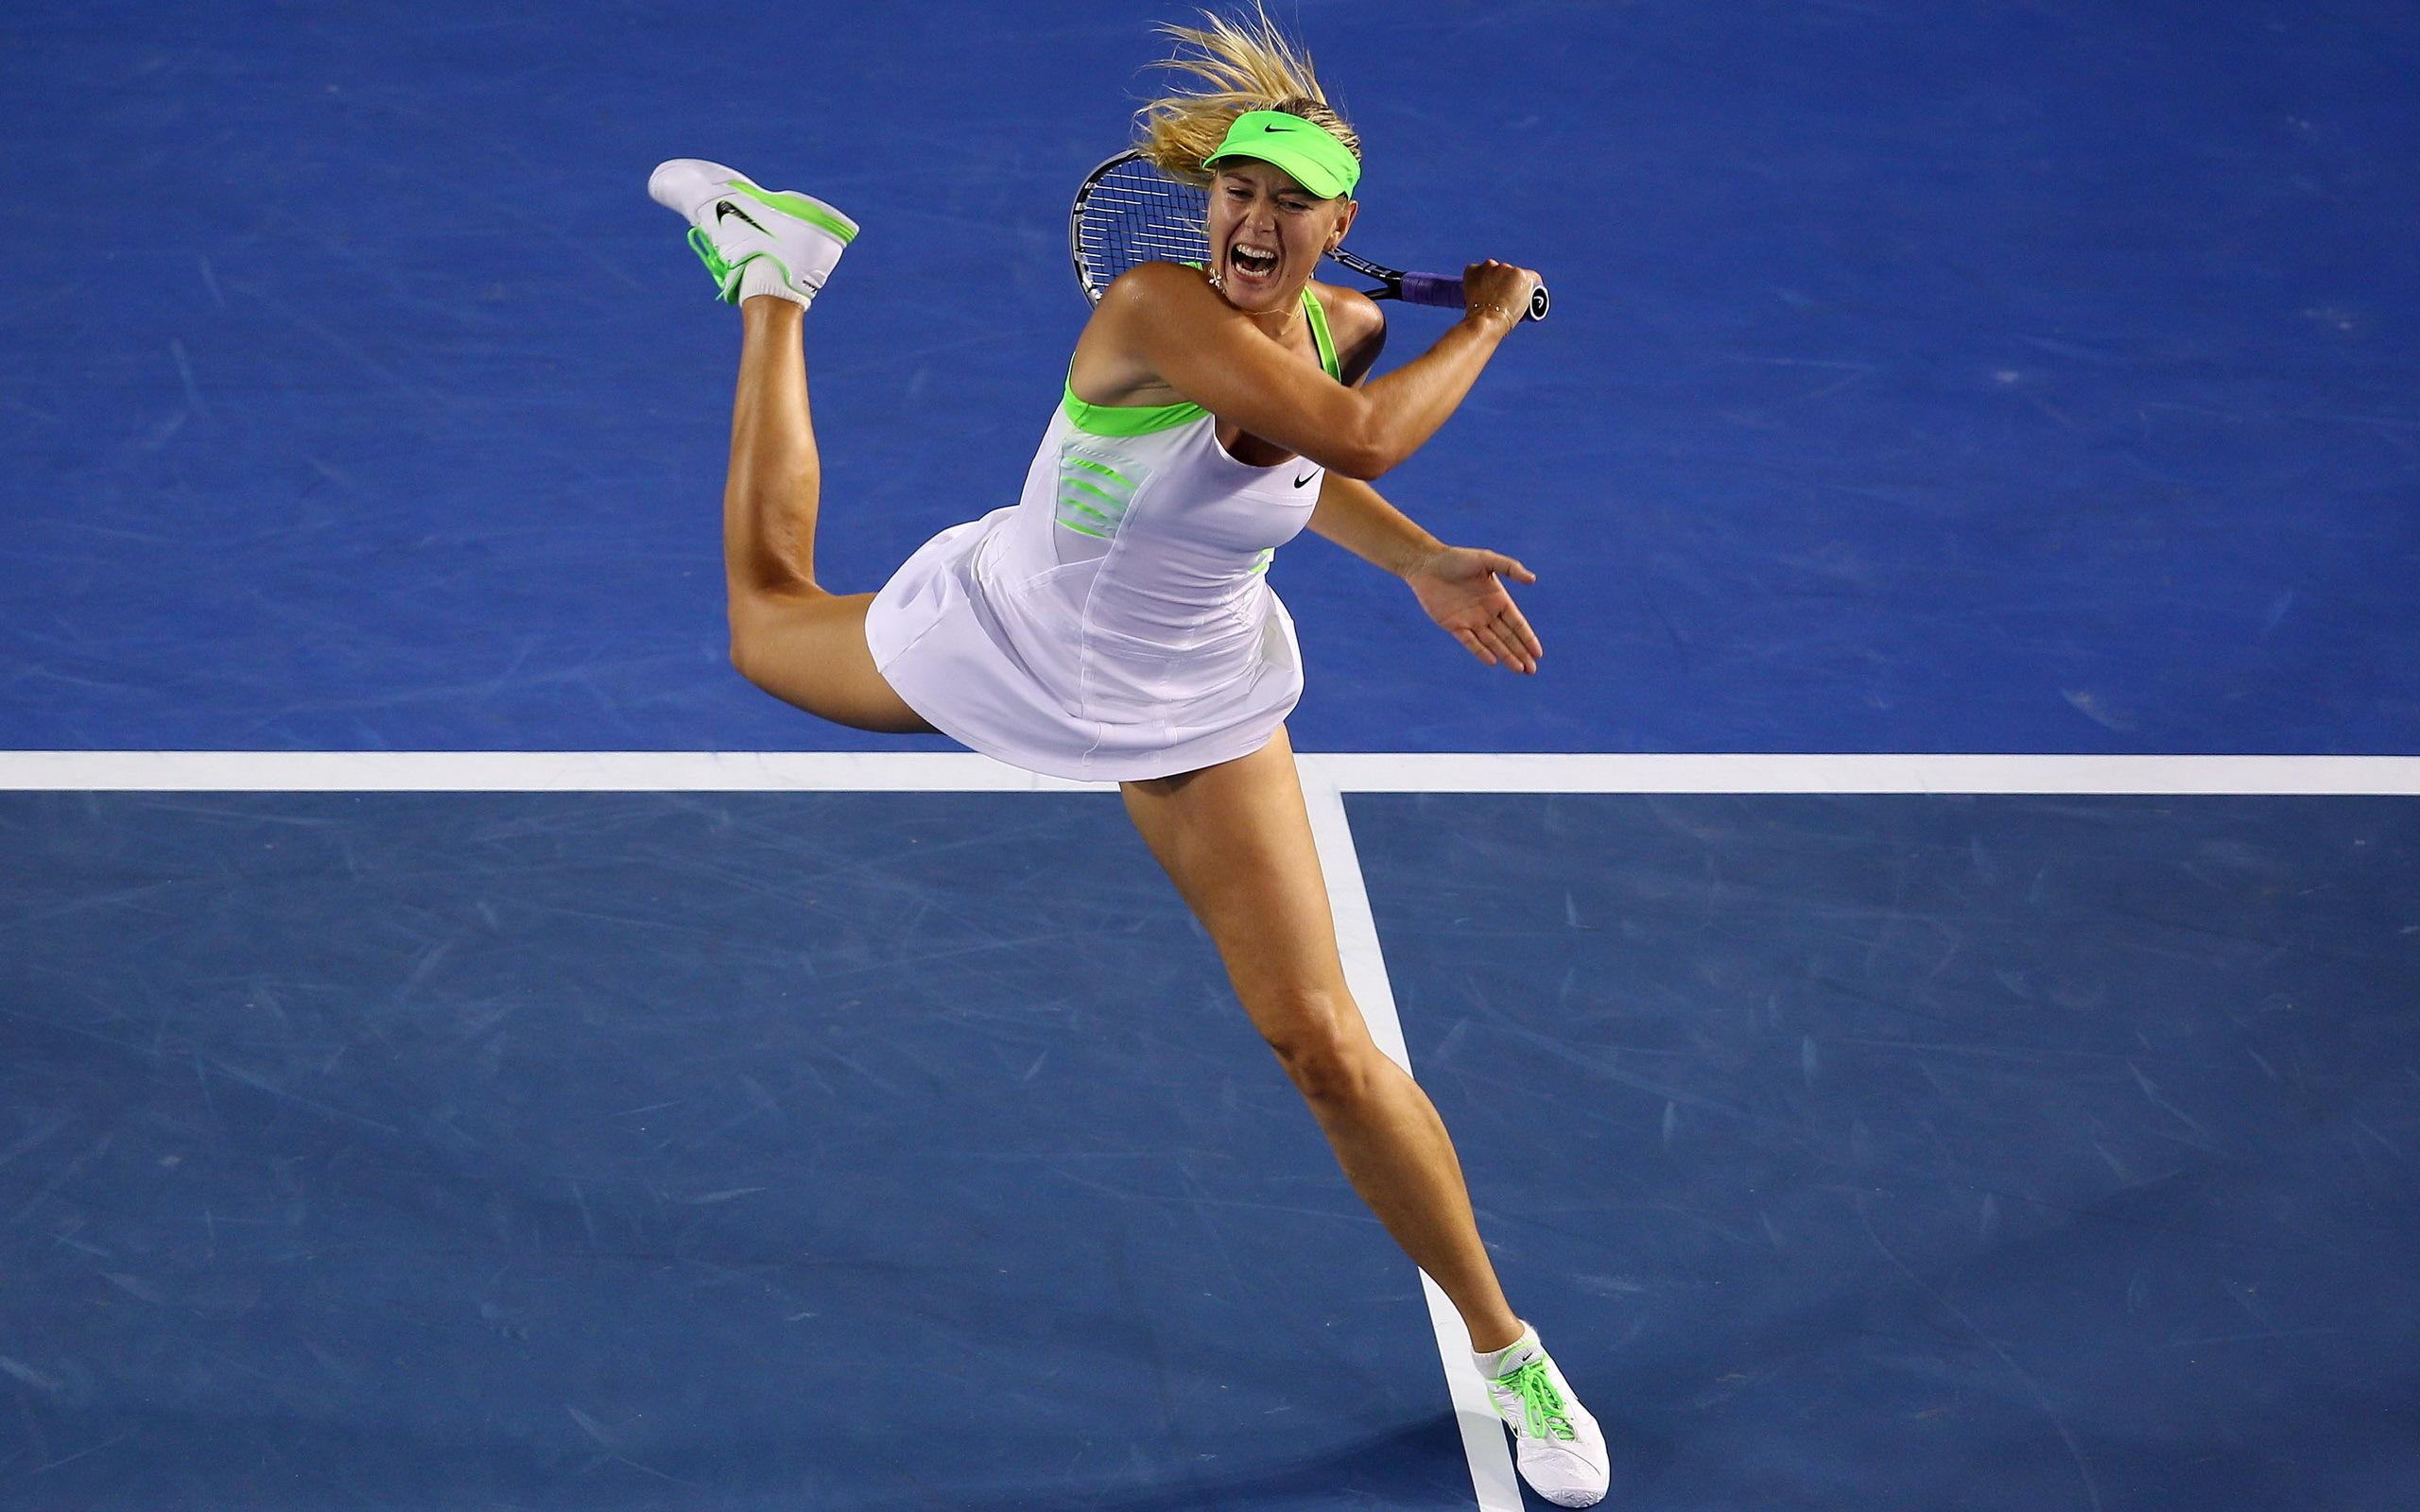 361427_sharapova_tenis_sport_kort_2560x1600_(www.GdeFon.ru)